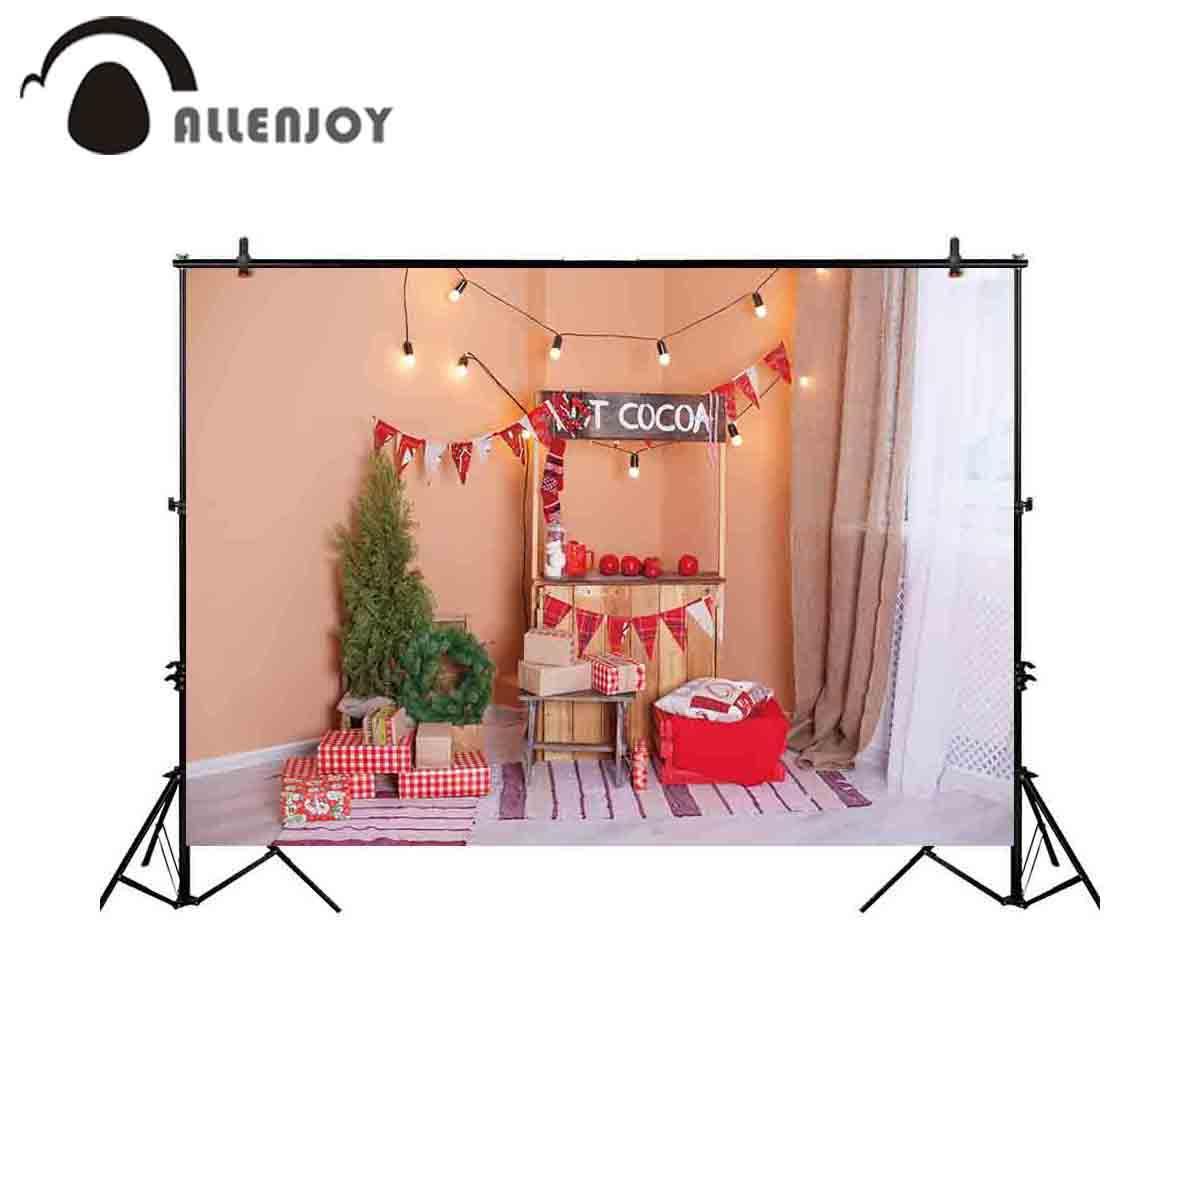 الجملة التصوير خلفية شجرة عيد الميلاد ديكور غرفة شريط الخشب صورة المتصل صورة صورة تبادل لاطلاق النار الدعامة